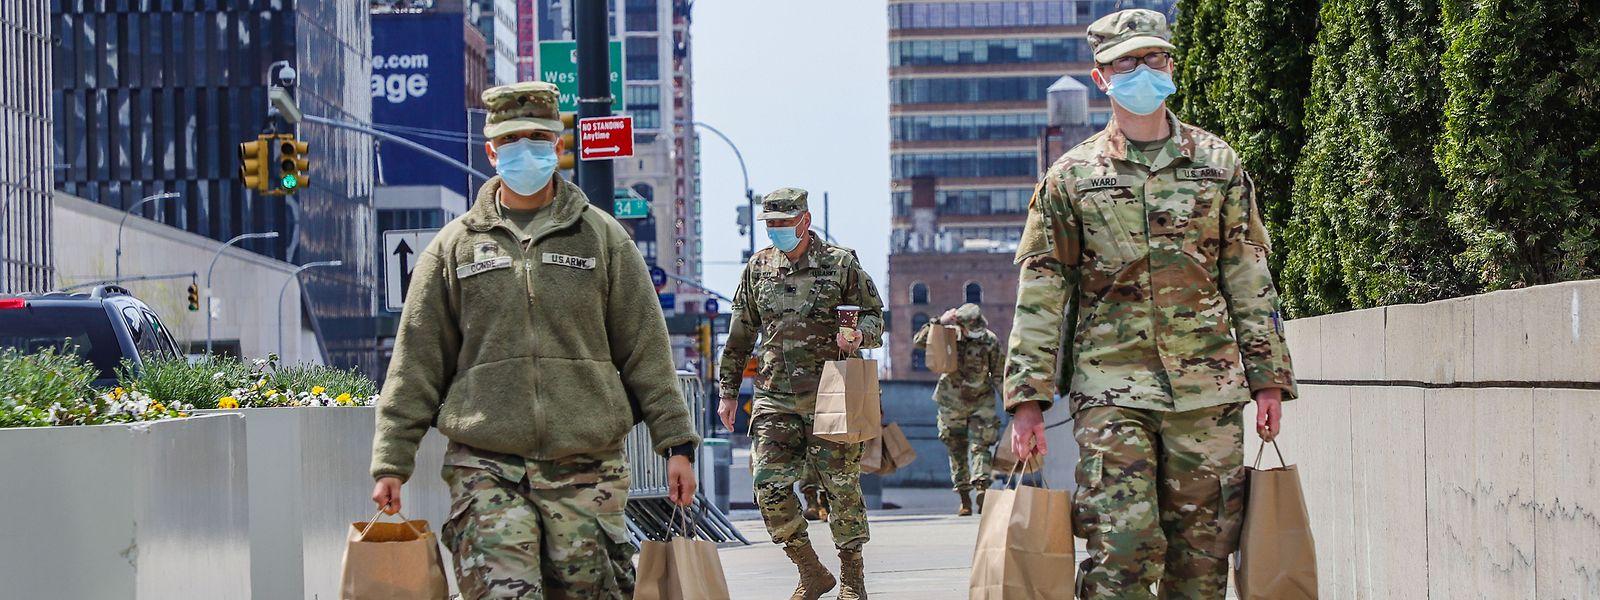 Soldados norte-americanos carregam sacos em frente ao Centro de Exposições Jacob K. Javits, em Nova Iorque, onde foi instalado um hospital temporário.